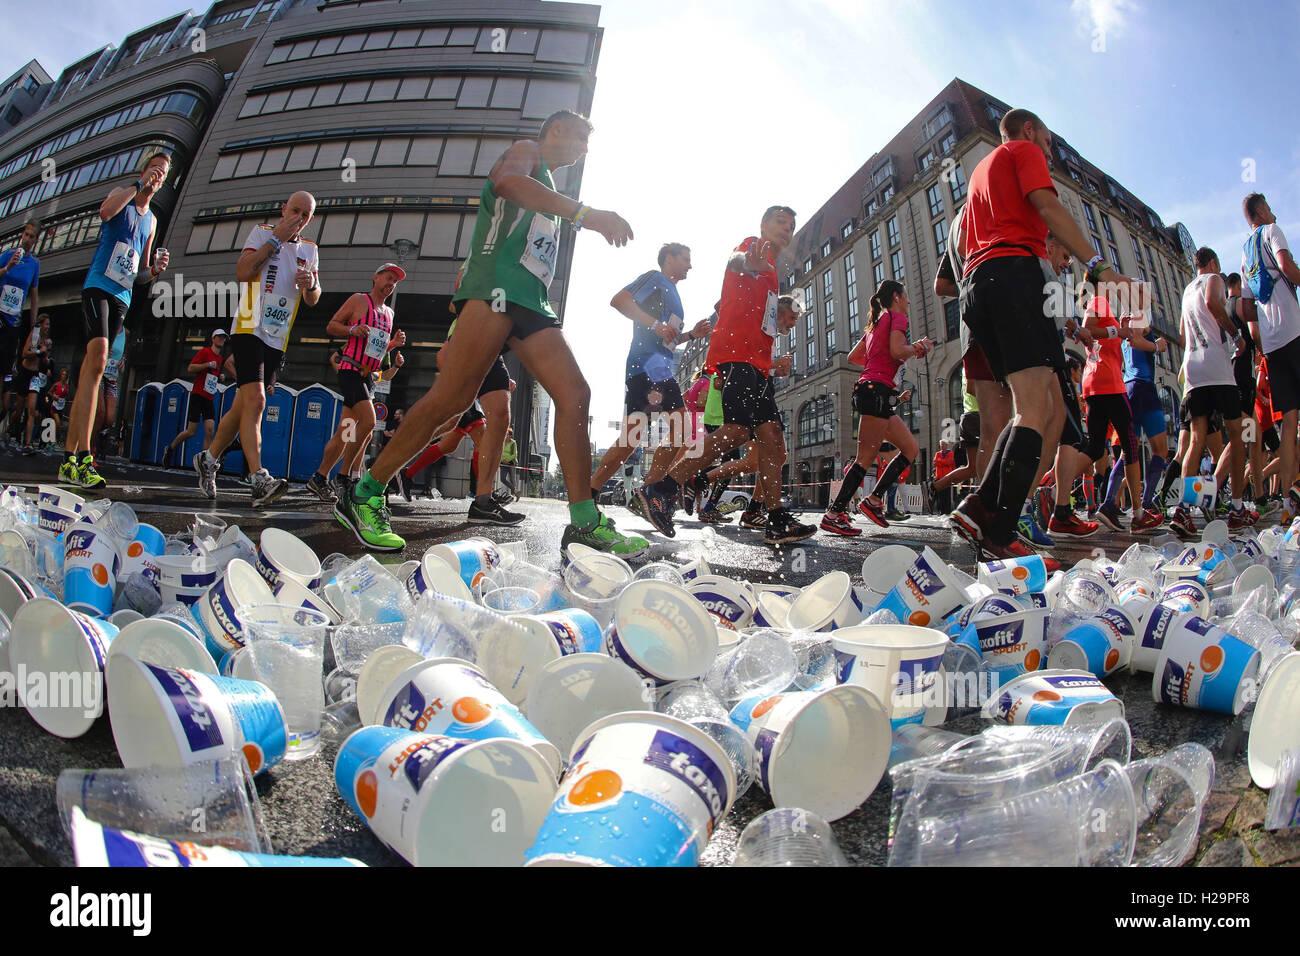 Berlino, Germania. Xxv Sep, 2016. atleti dilettanti durante la 43a edizione della Maratona di Berlino, tenutasi Immagini Stock